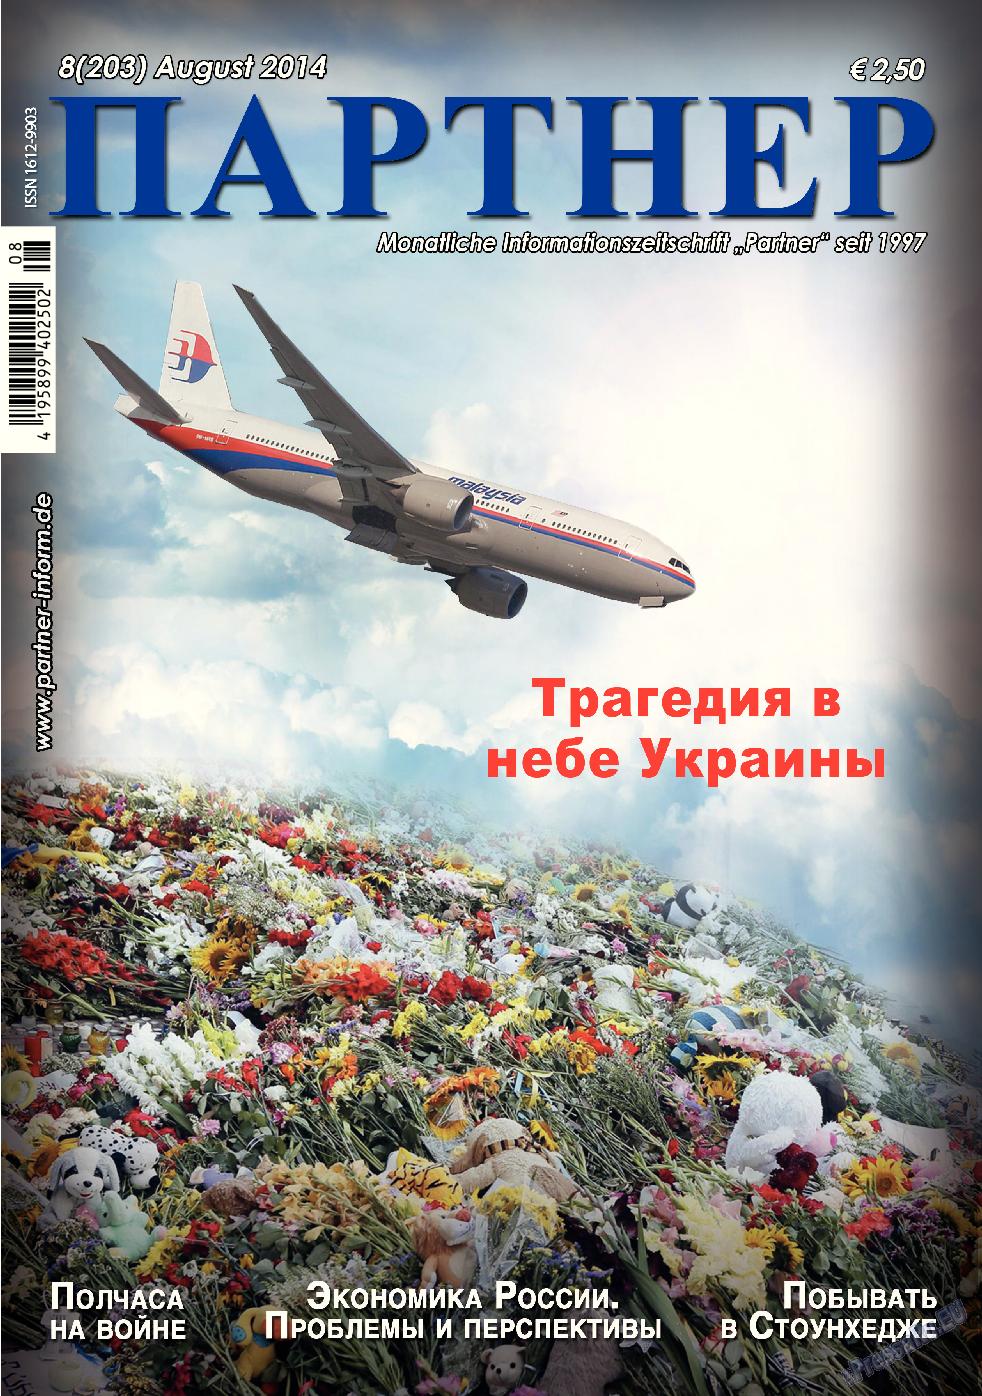 Партнер (журнал). 2014 год, номер 8, стр. 1